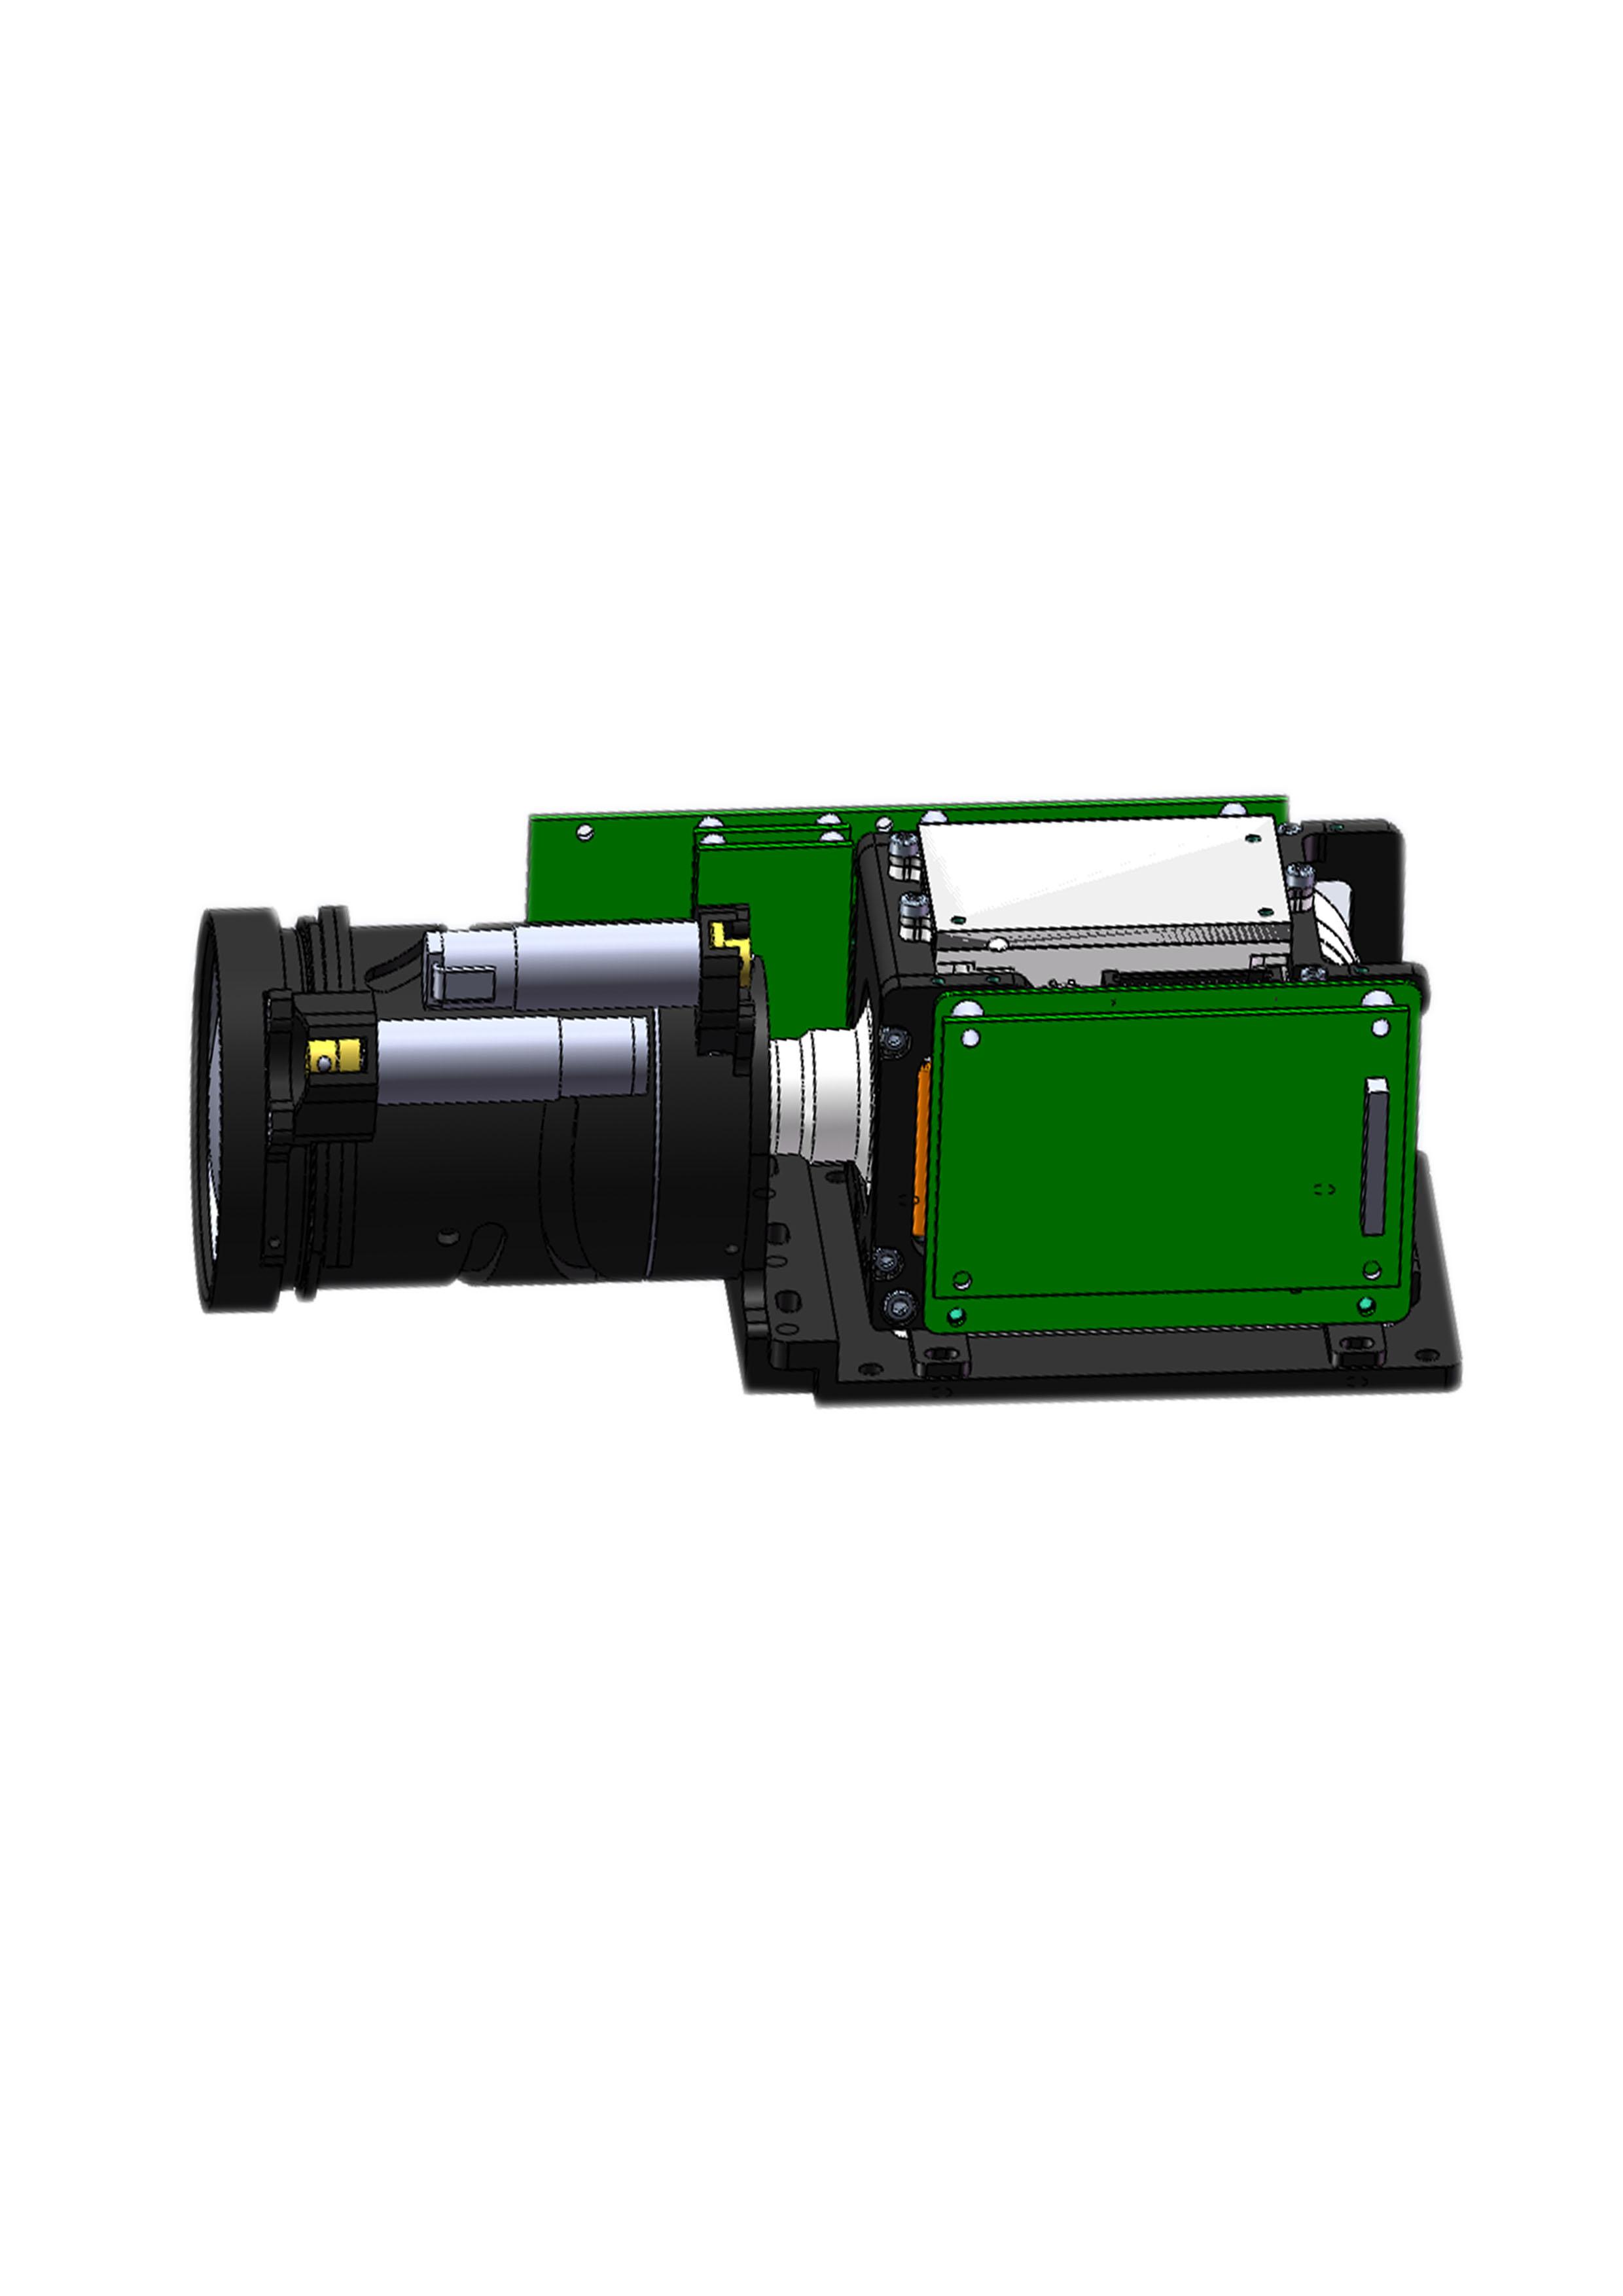 iCE640F-30-300紅外制冷機芯